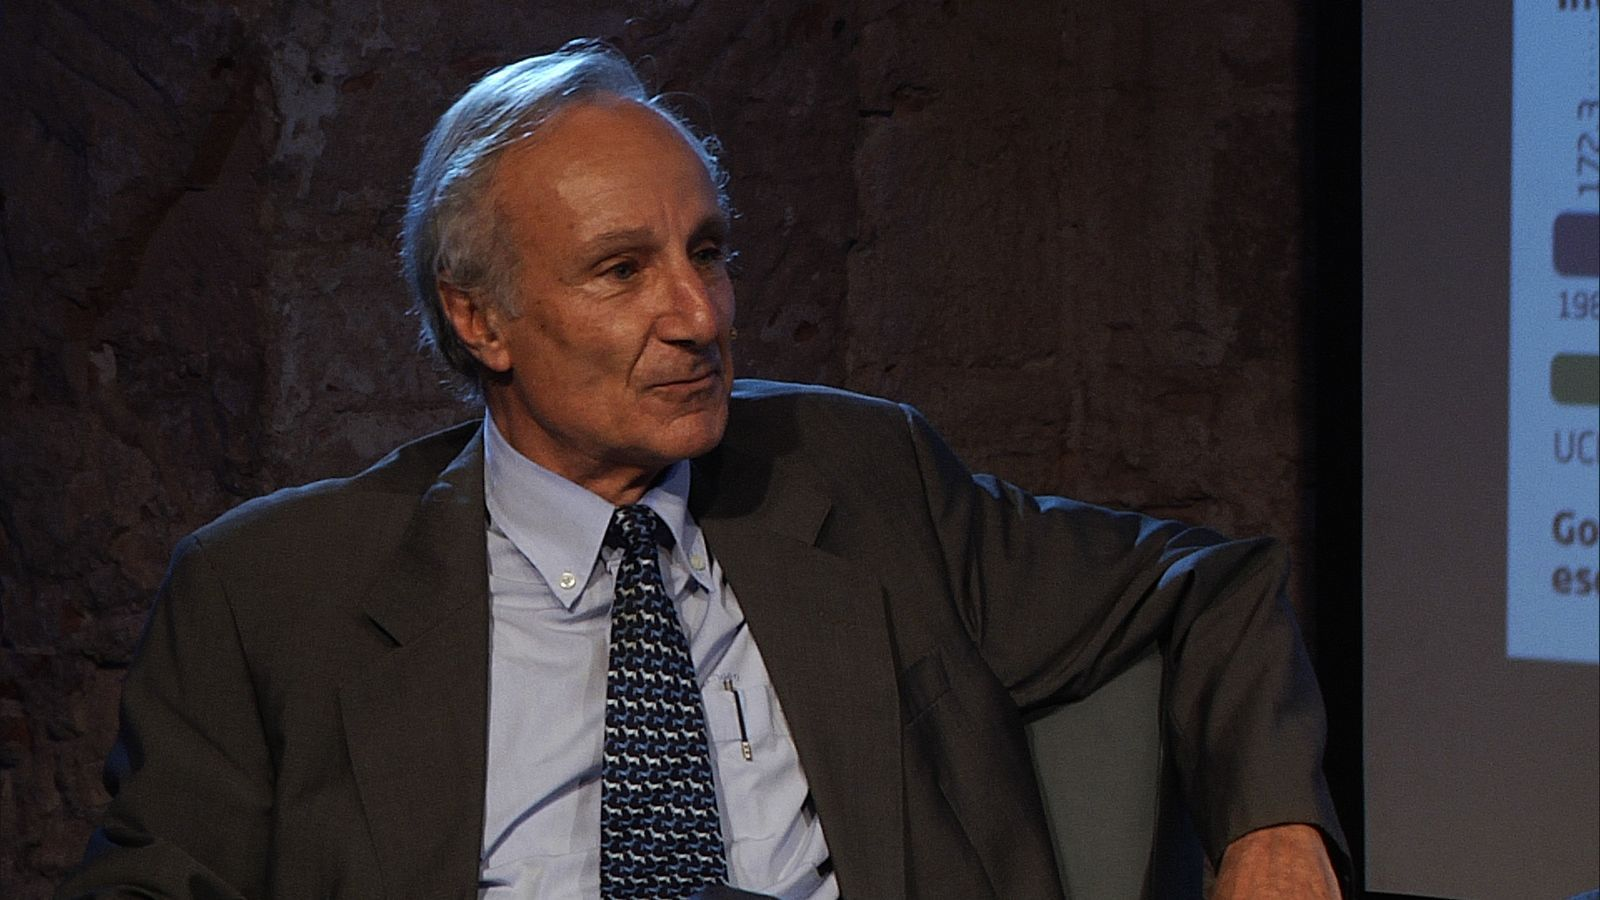 Joan Majó: Estem en un enfrontament. Tots dos tenim part de culpa